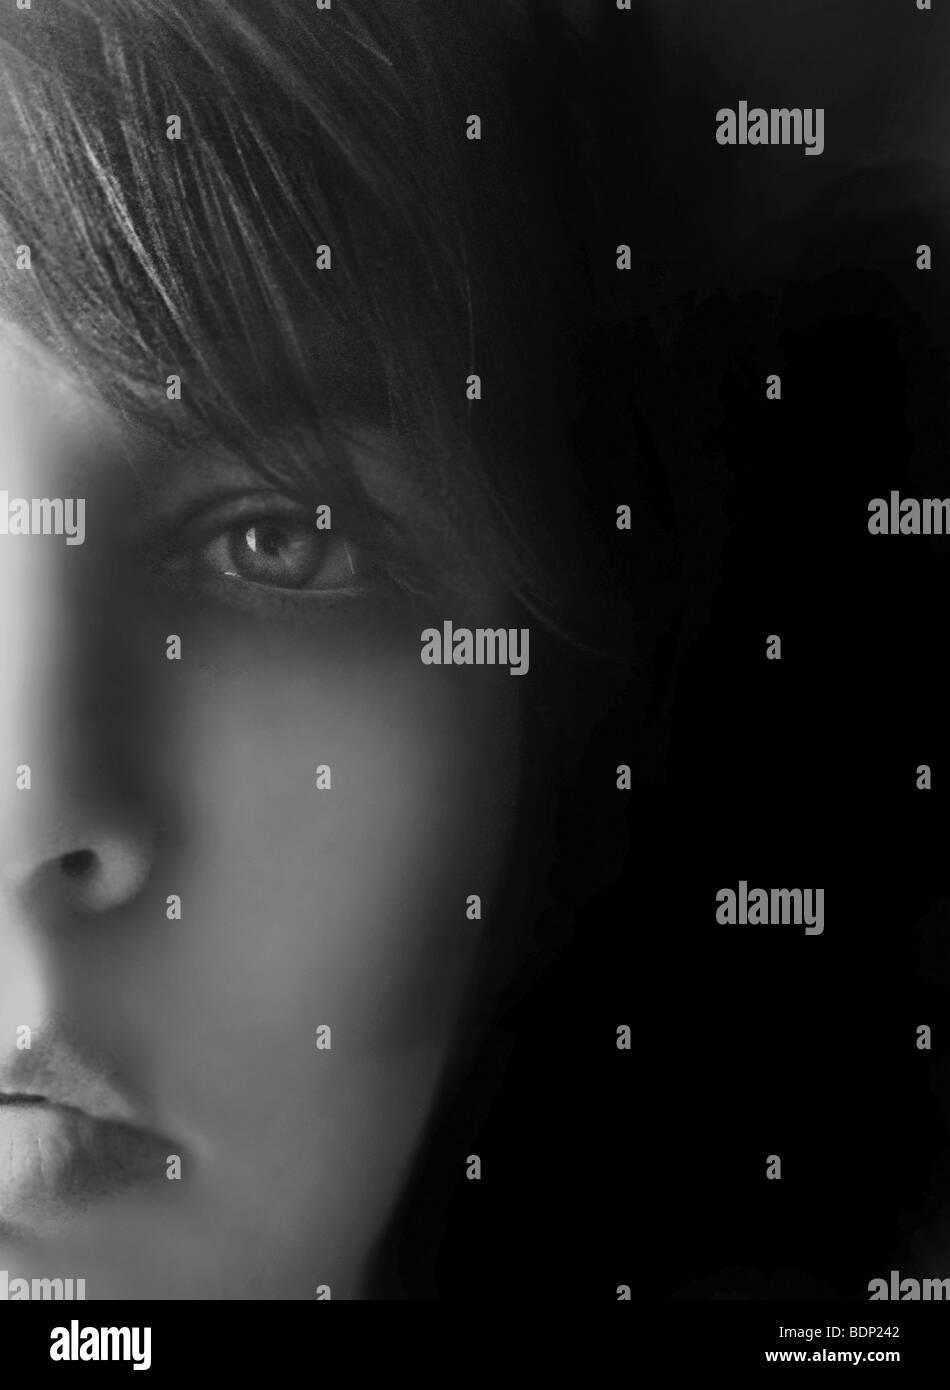 Nahaufnahme von einem jungen Mädchen Gesicht Blick in die Kamera Stockfoto